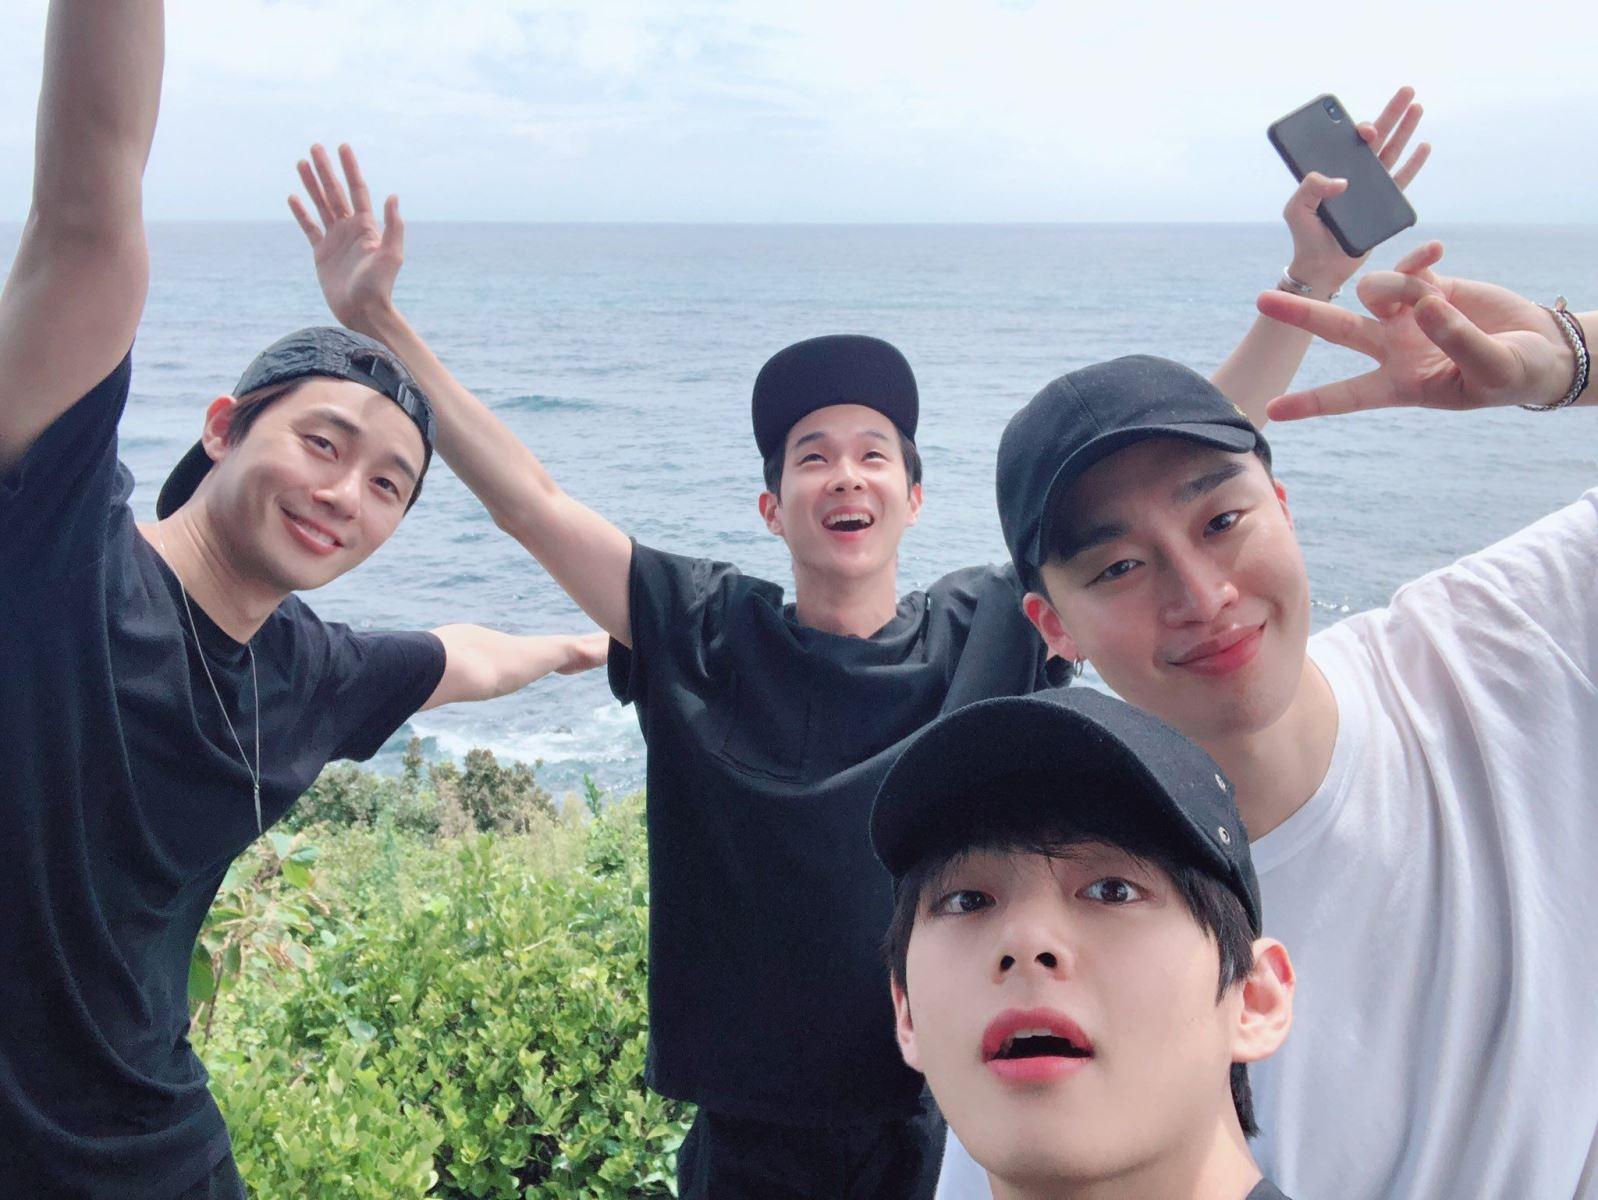 BTS, V, V BTS, Park Seo Joon, Choi Woo Shik, Park Hyung Sik, rapper Peakboy, wooga, anh em wooga, wooga squad